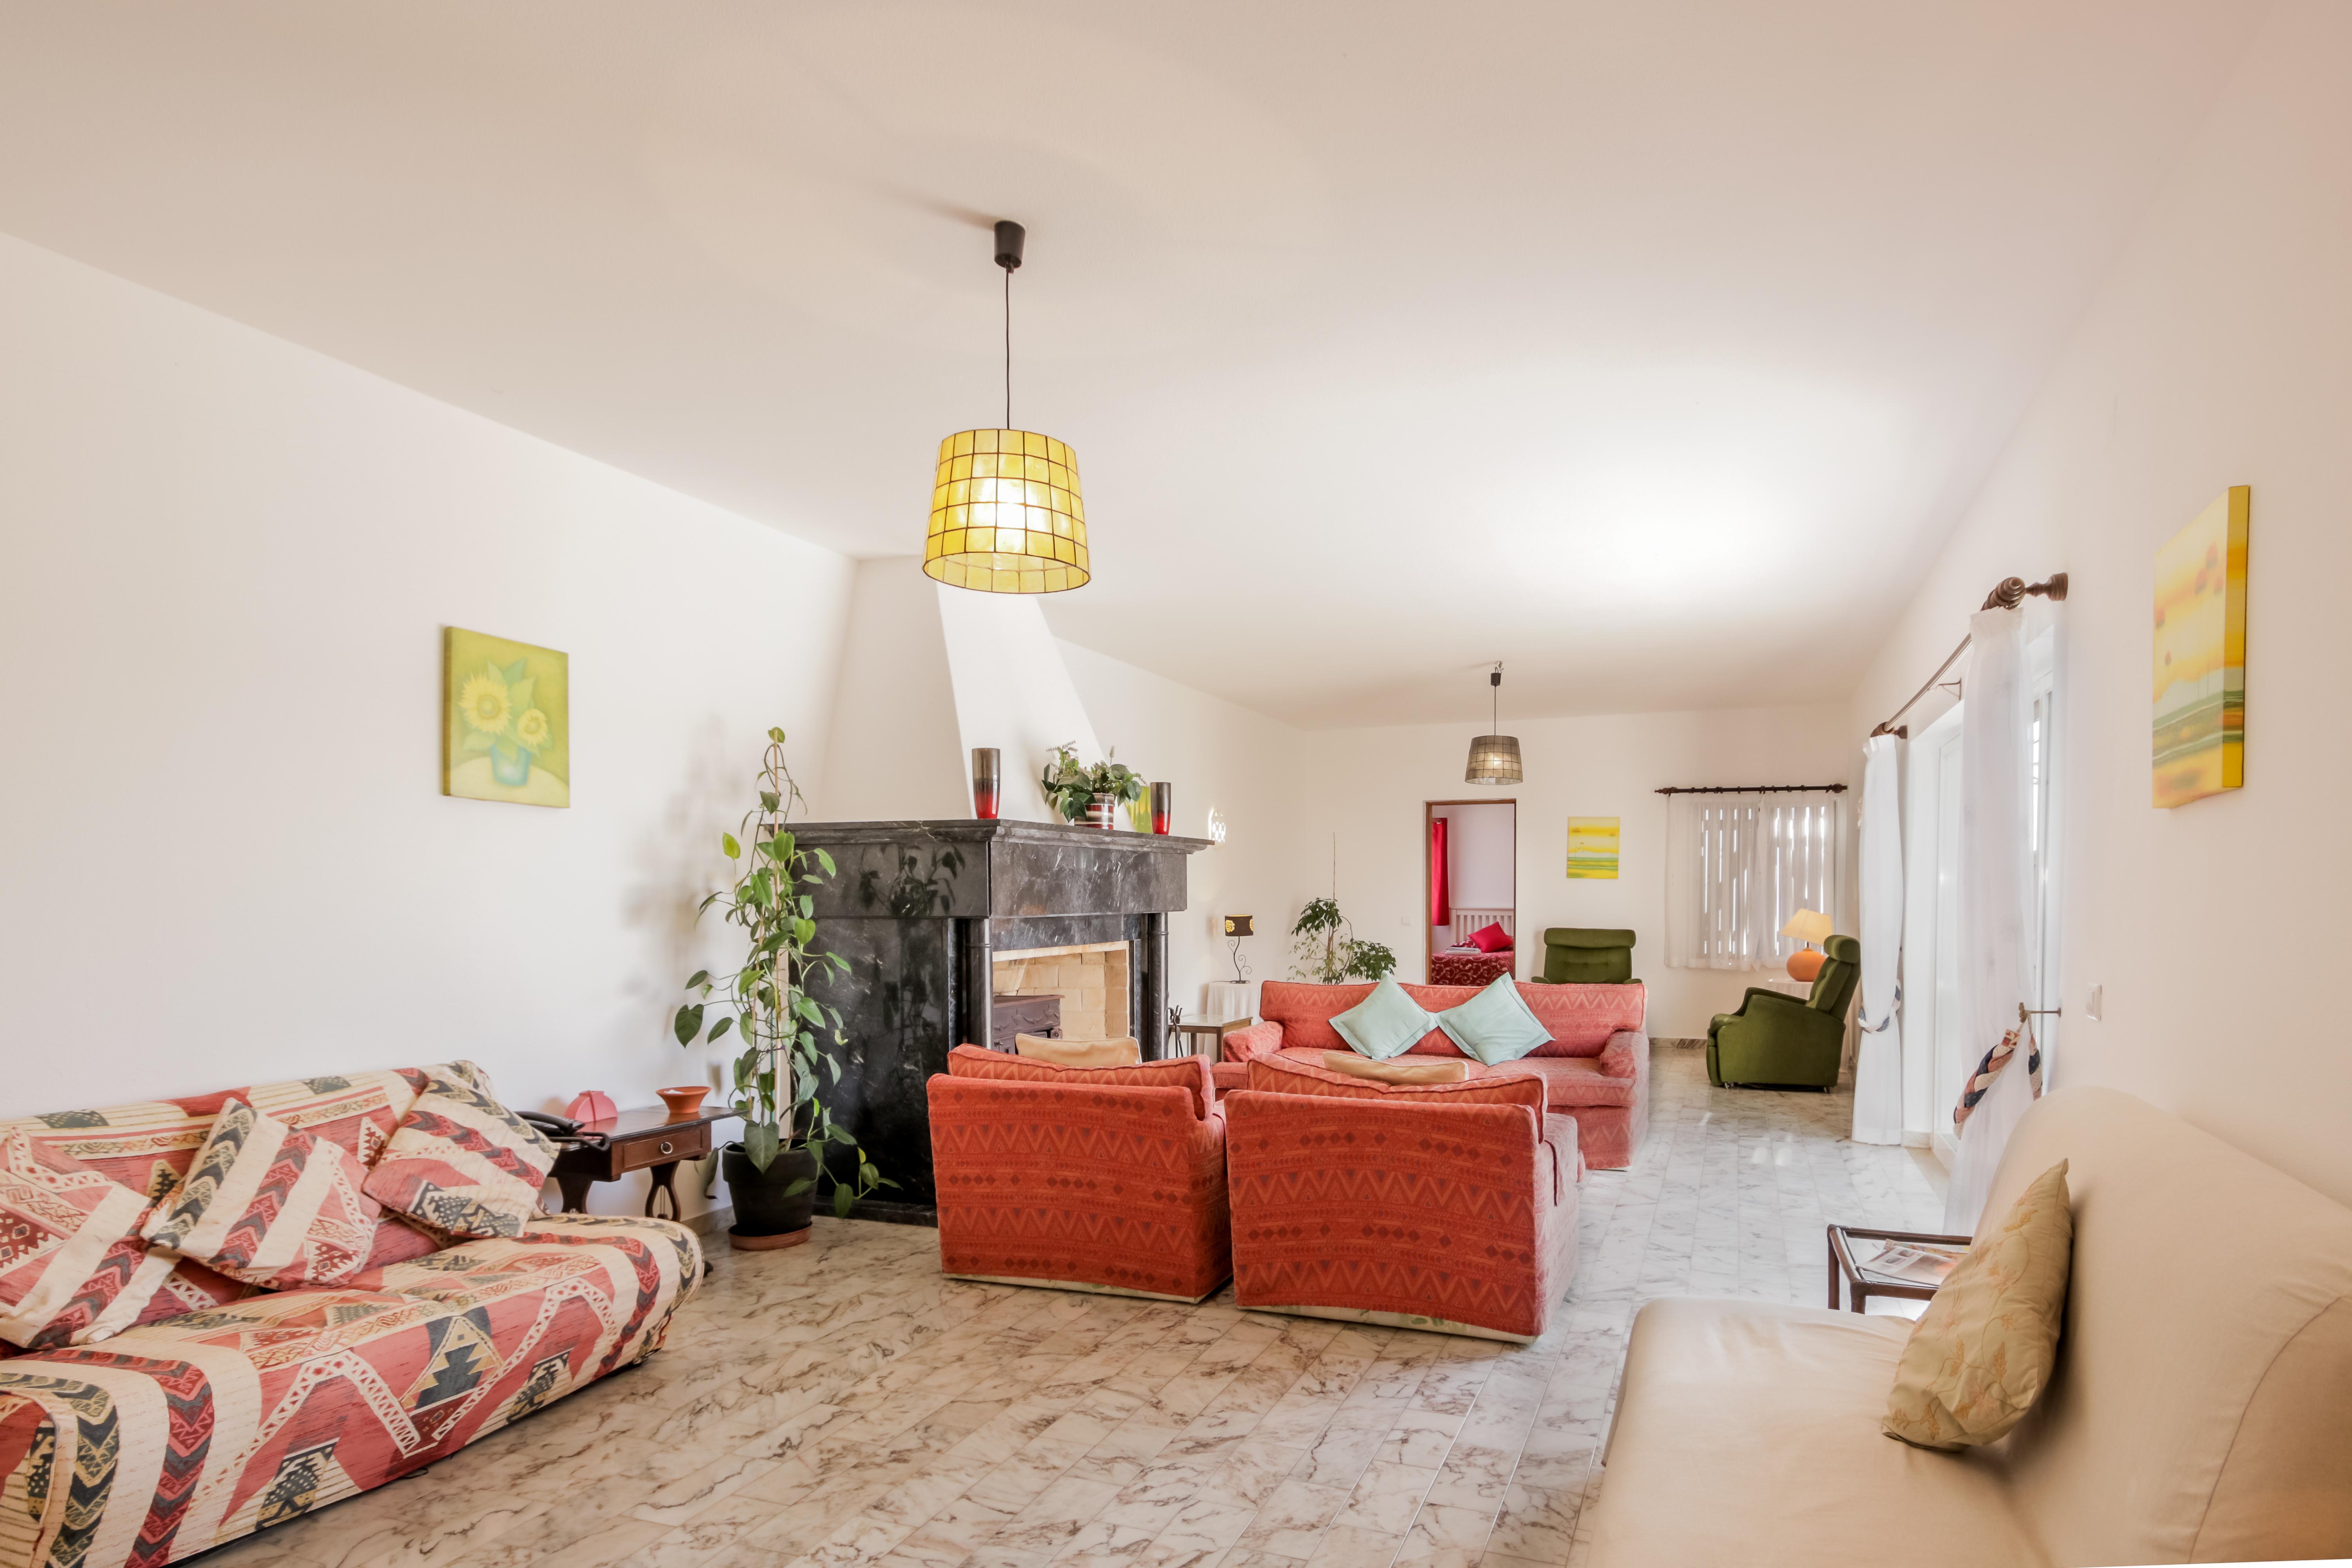 Casa_Do_Poco_Lounge_showing_sofa_beds_-_